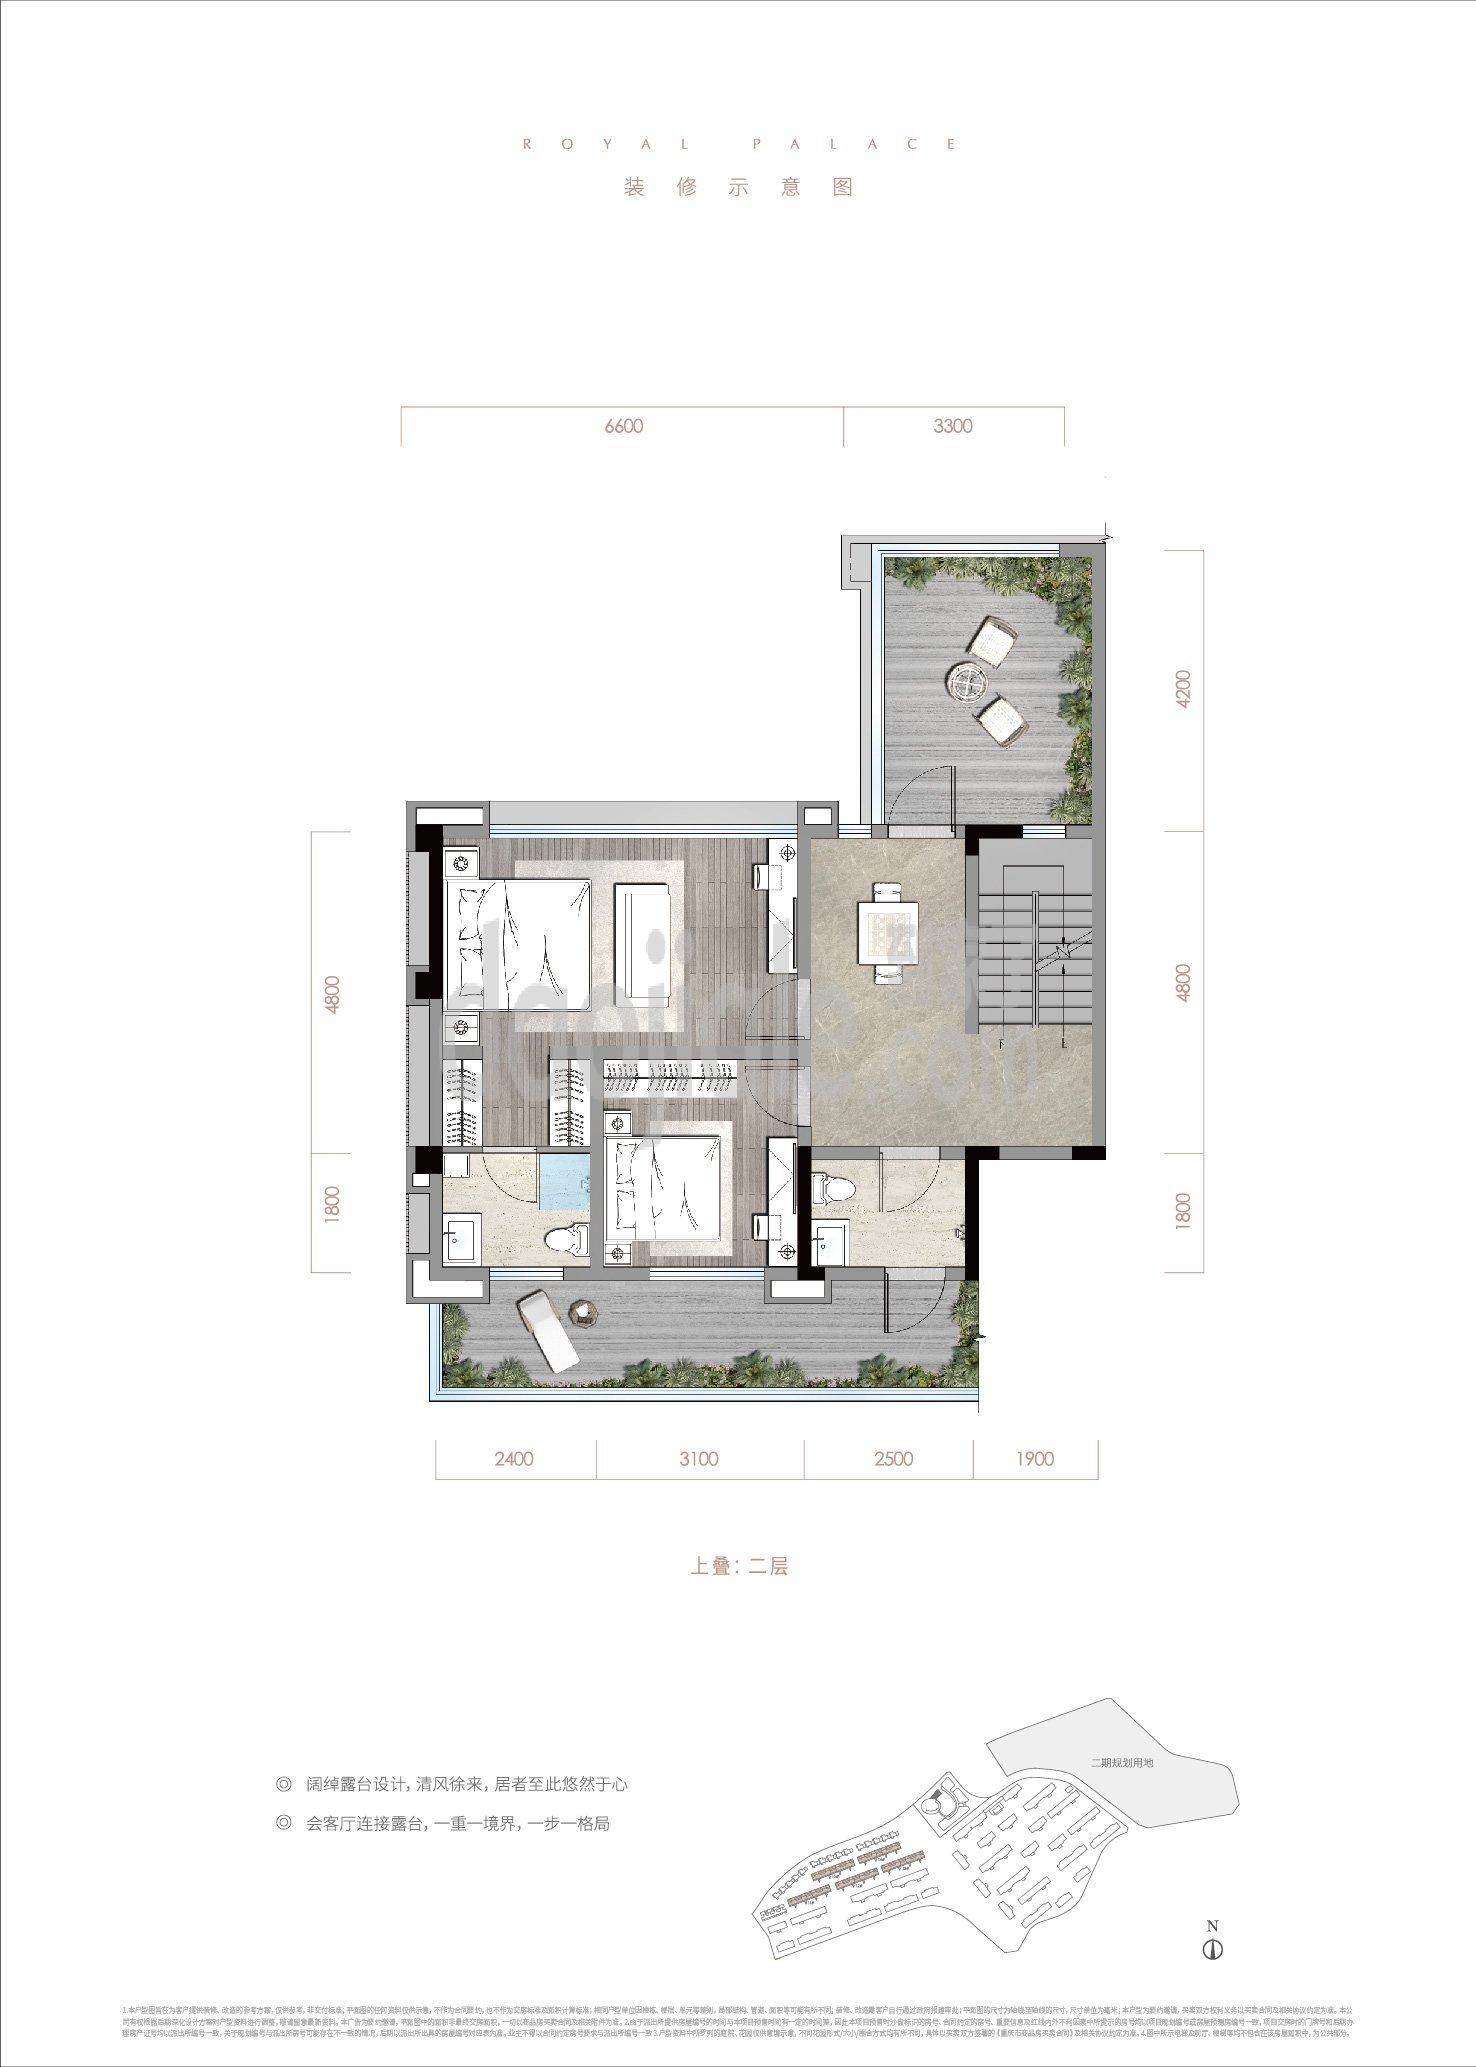 渝北区礼嘉金融街嘉粼融府新房上叠二层户型图